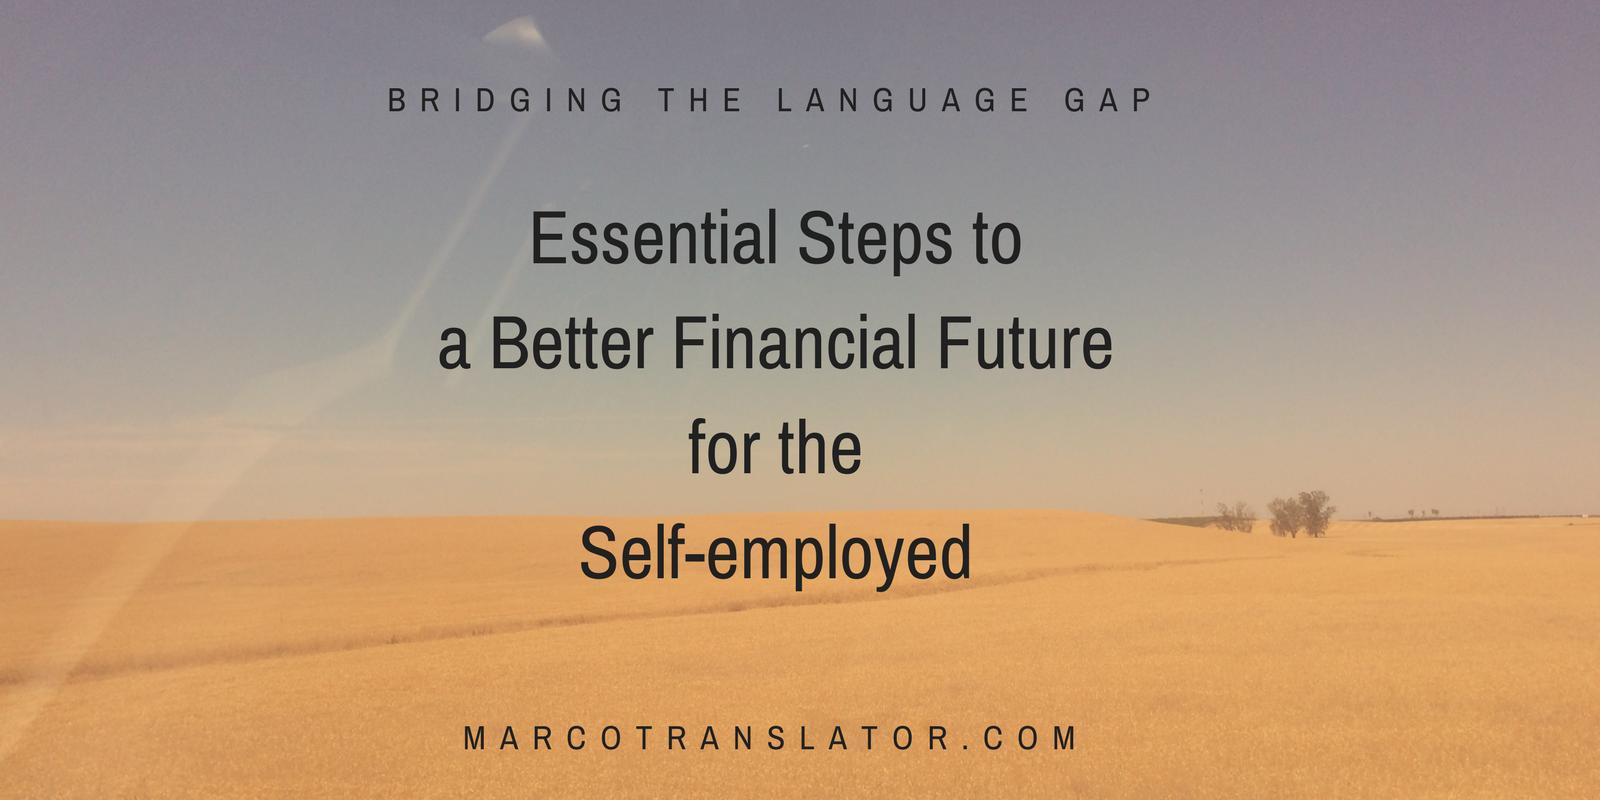 Bridging the Language Gap 2.png